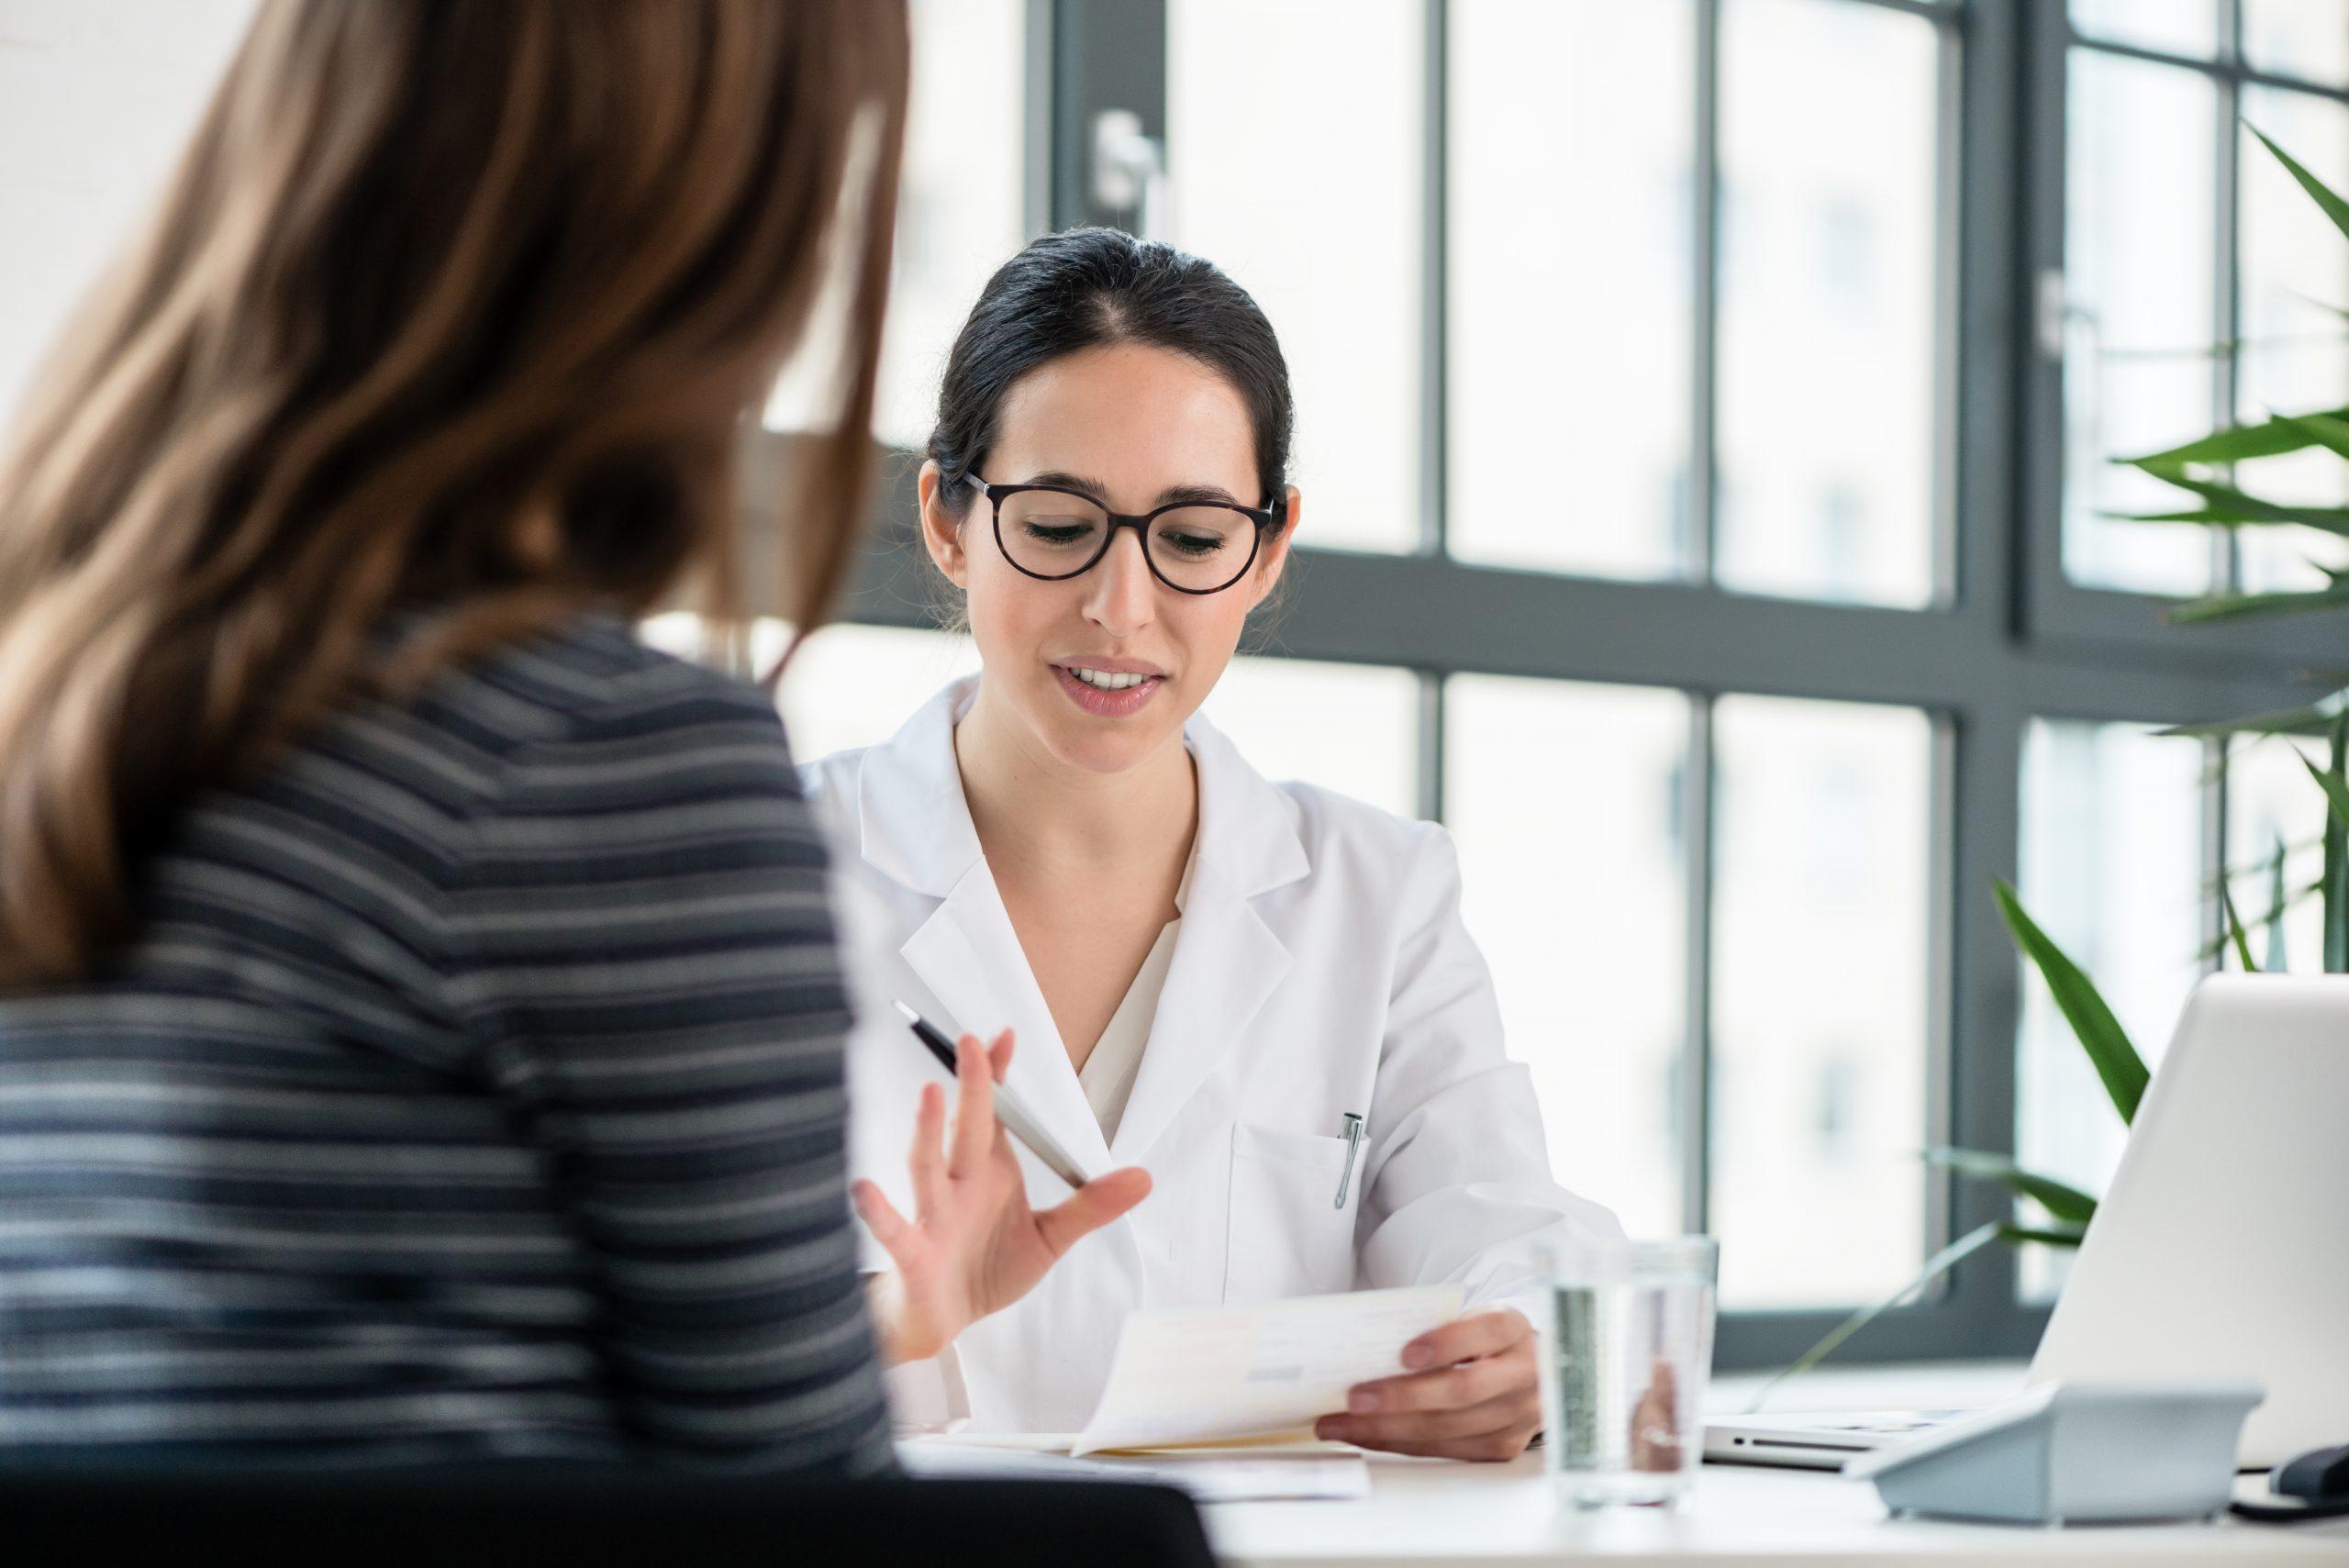 mladá doktorka vysvetľuje výsledky svojej pacientke